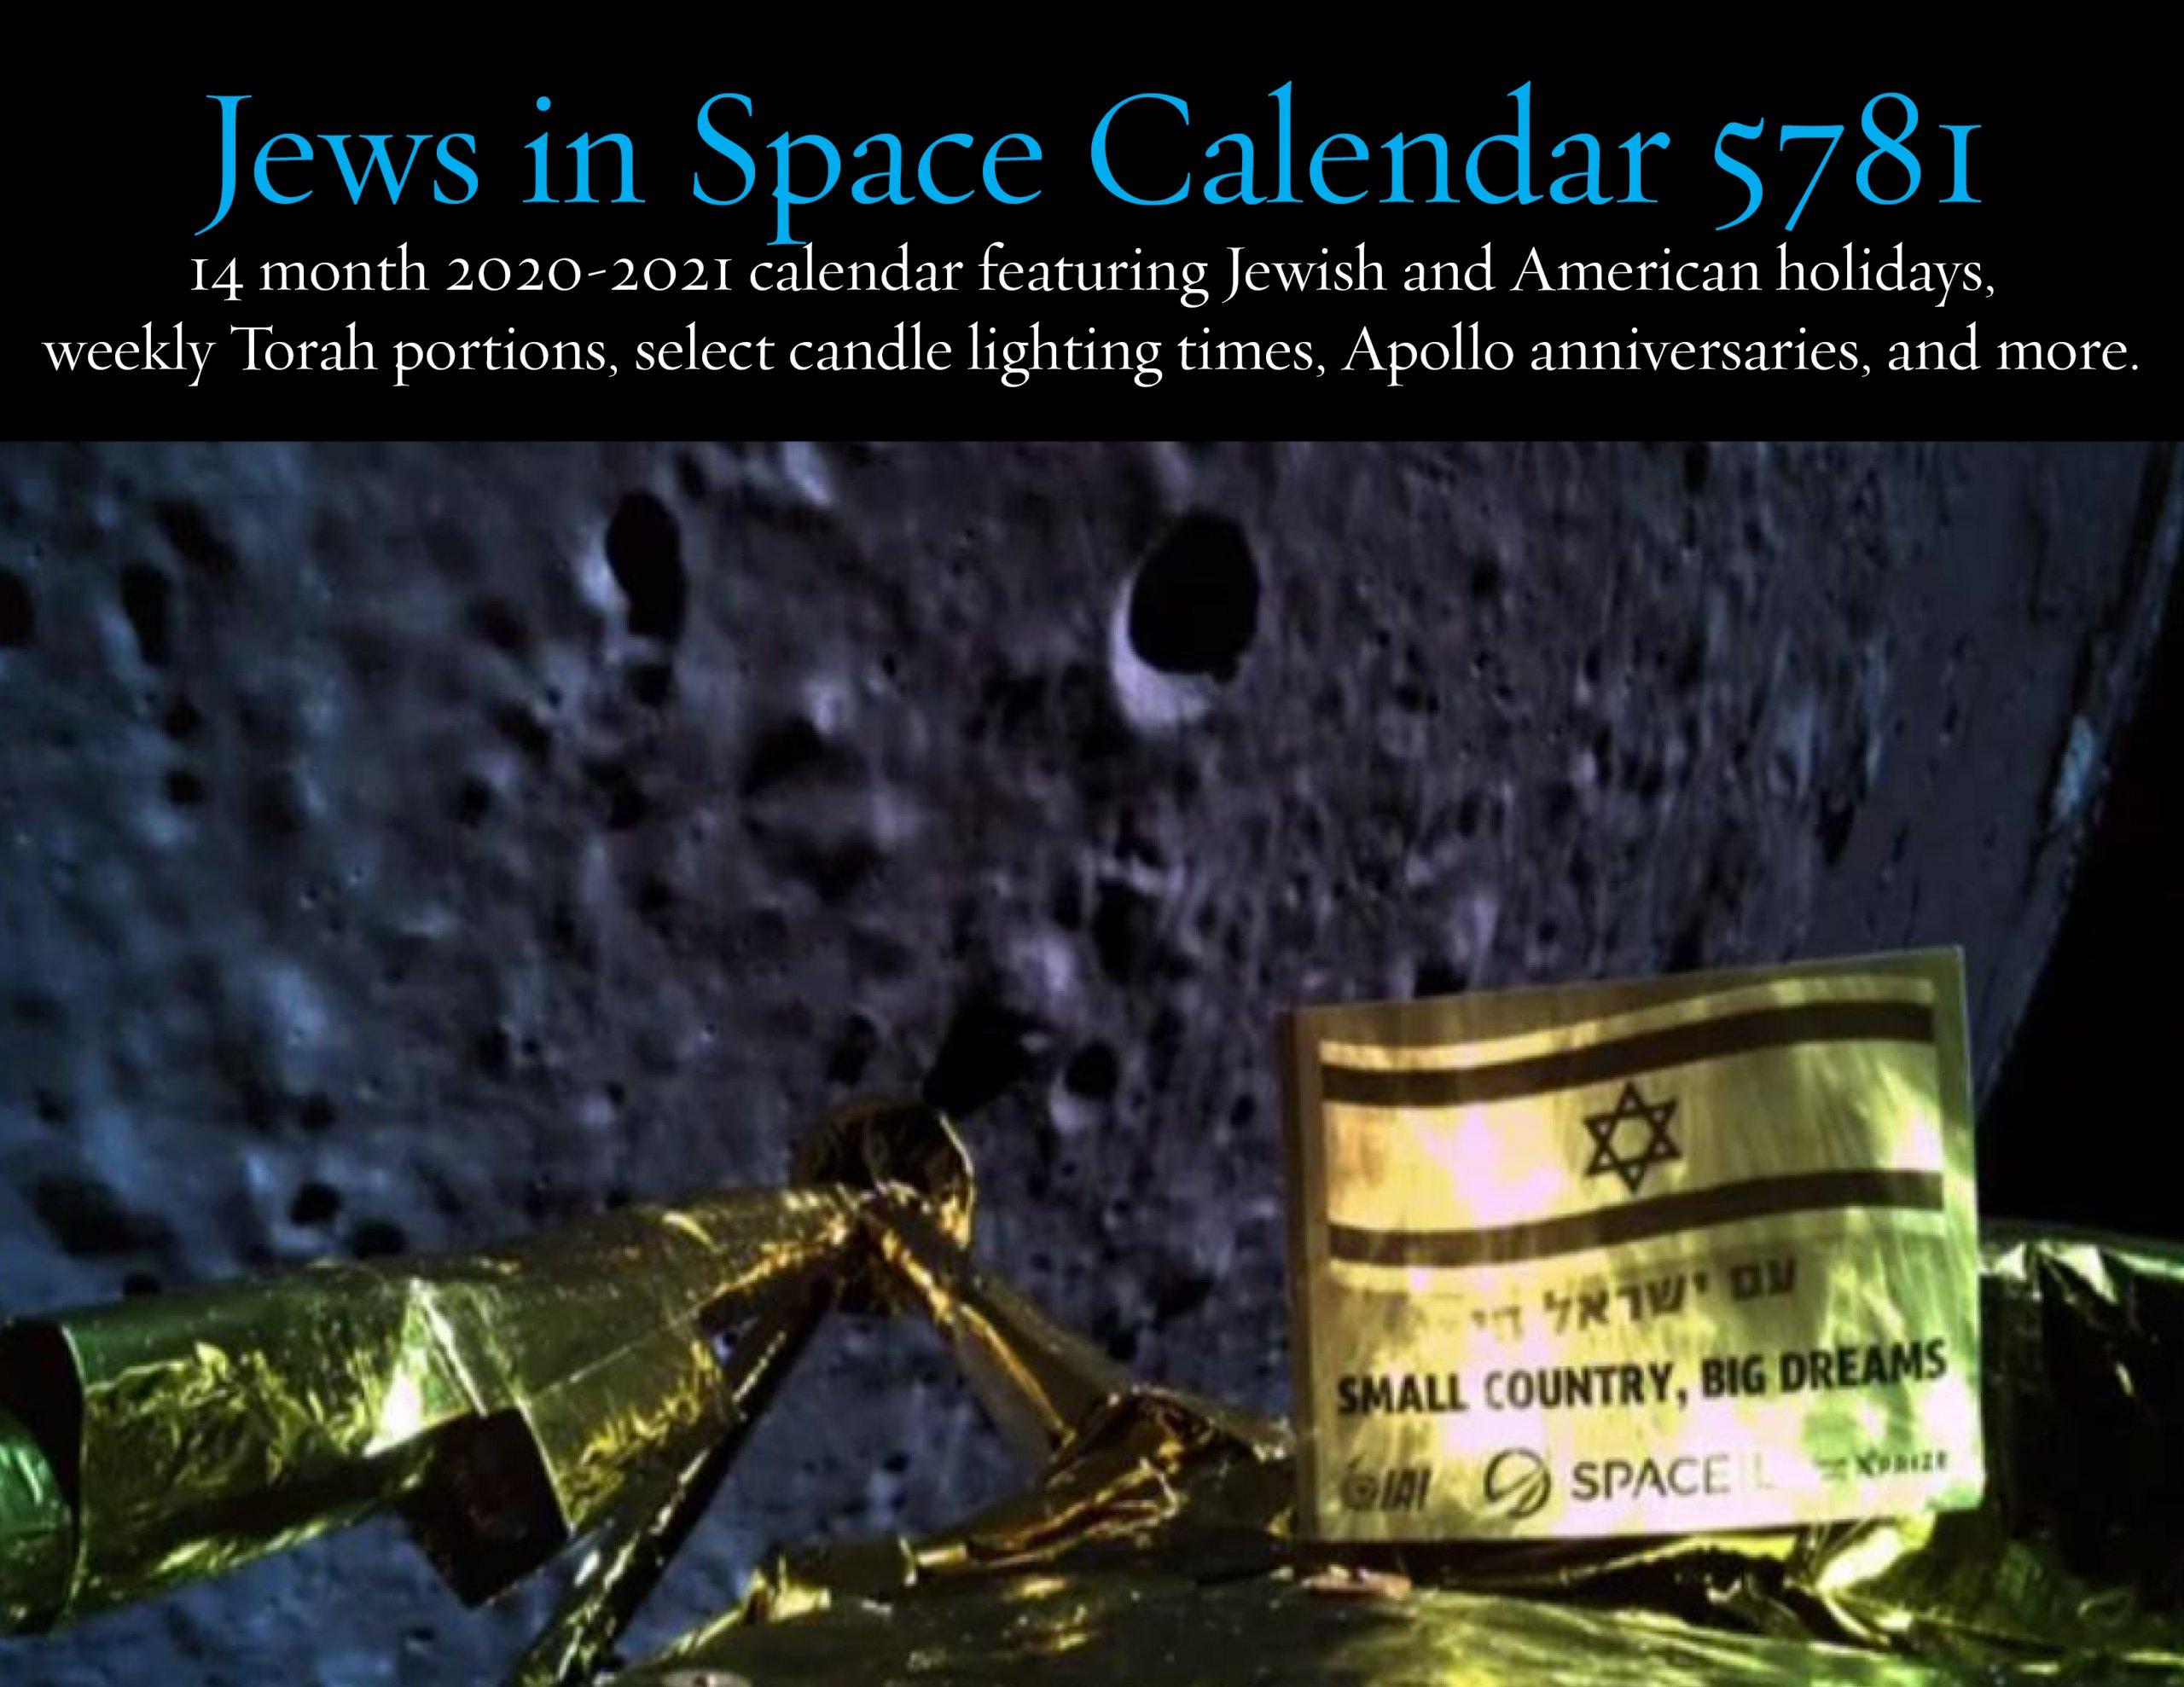 jews in space calendar 5781